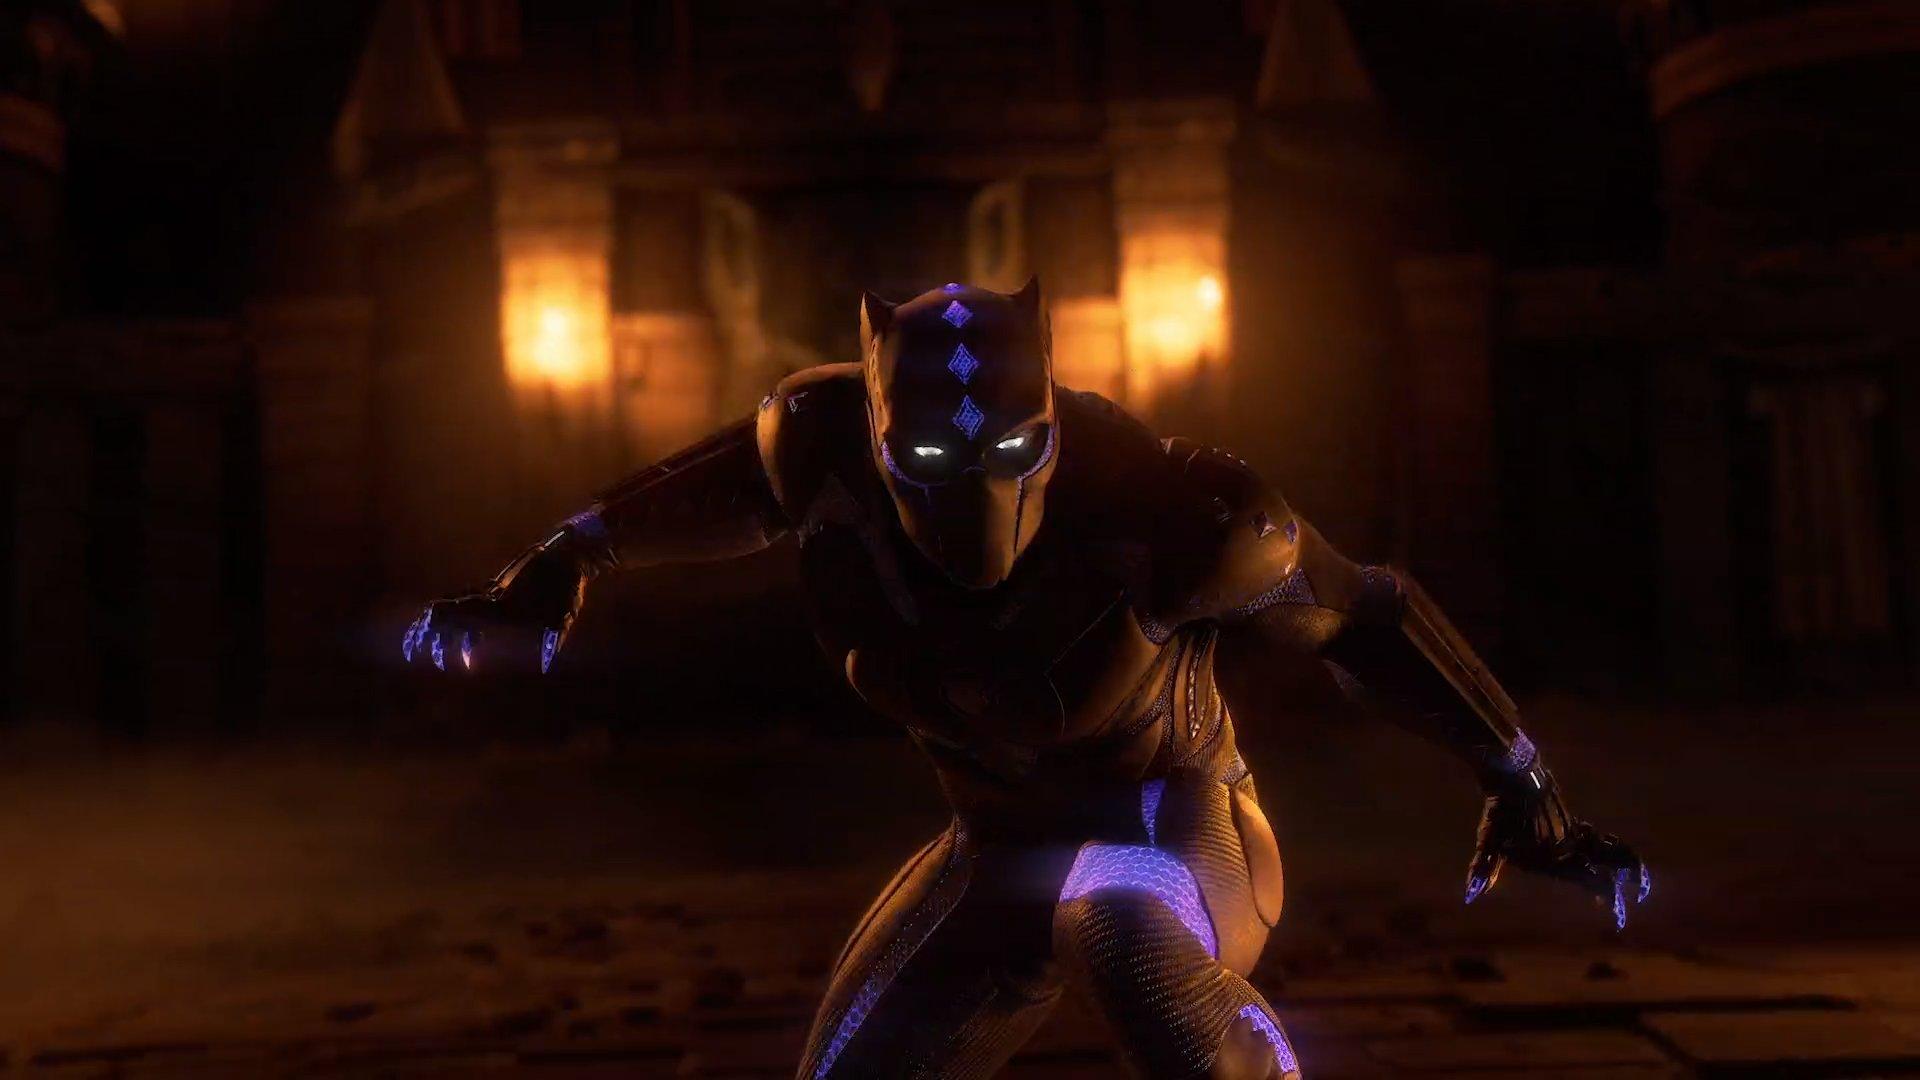 تاریخ عرضه بسته الحاقی بلک پنتر بازی Marvel's Avengers مشخص شد [E3 2021]